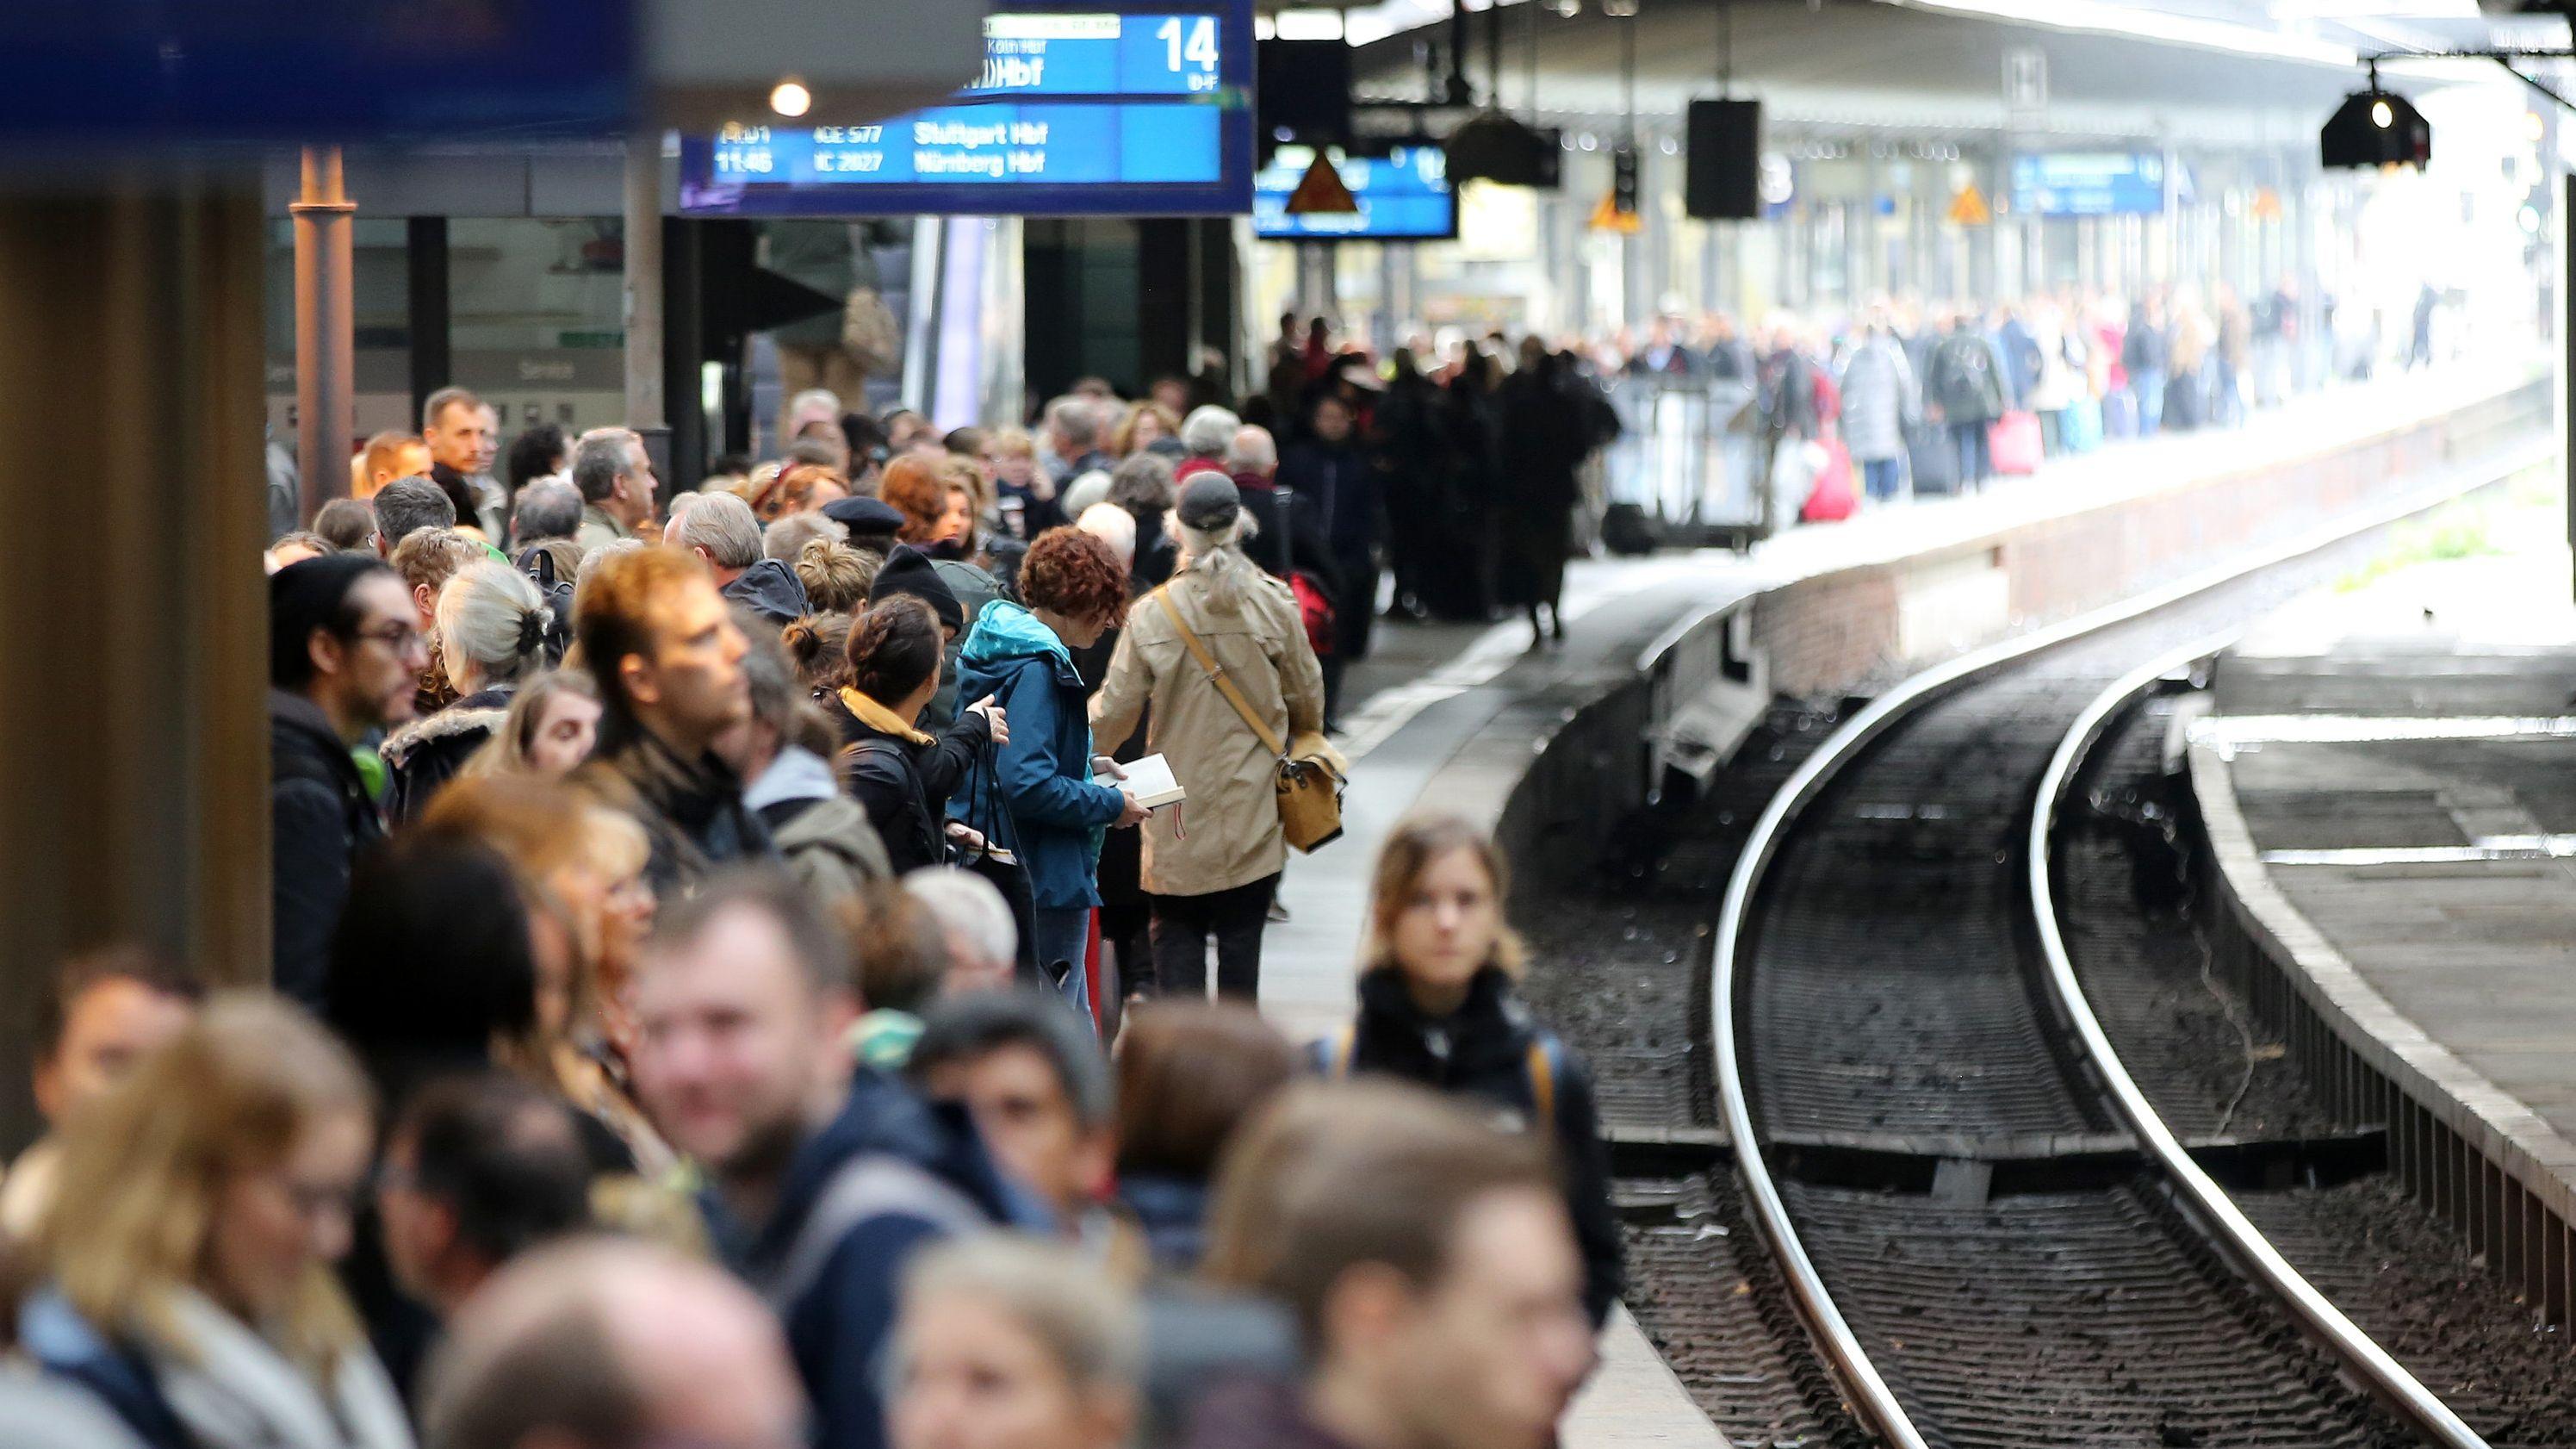 Fahrgäste warten auf einen Zug am Bahnhof Hamburg